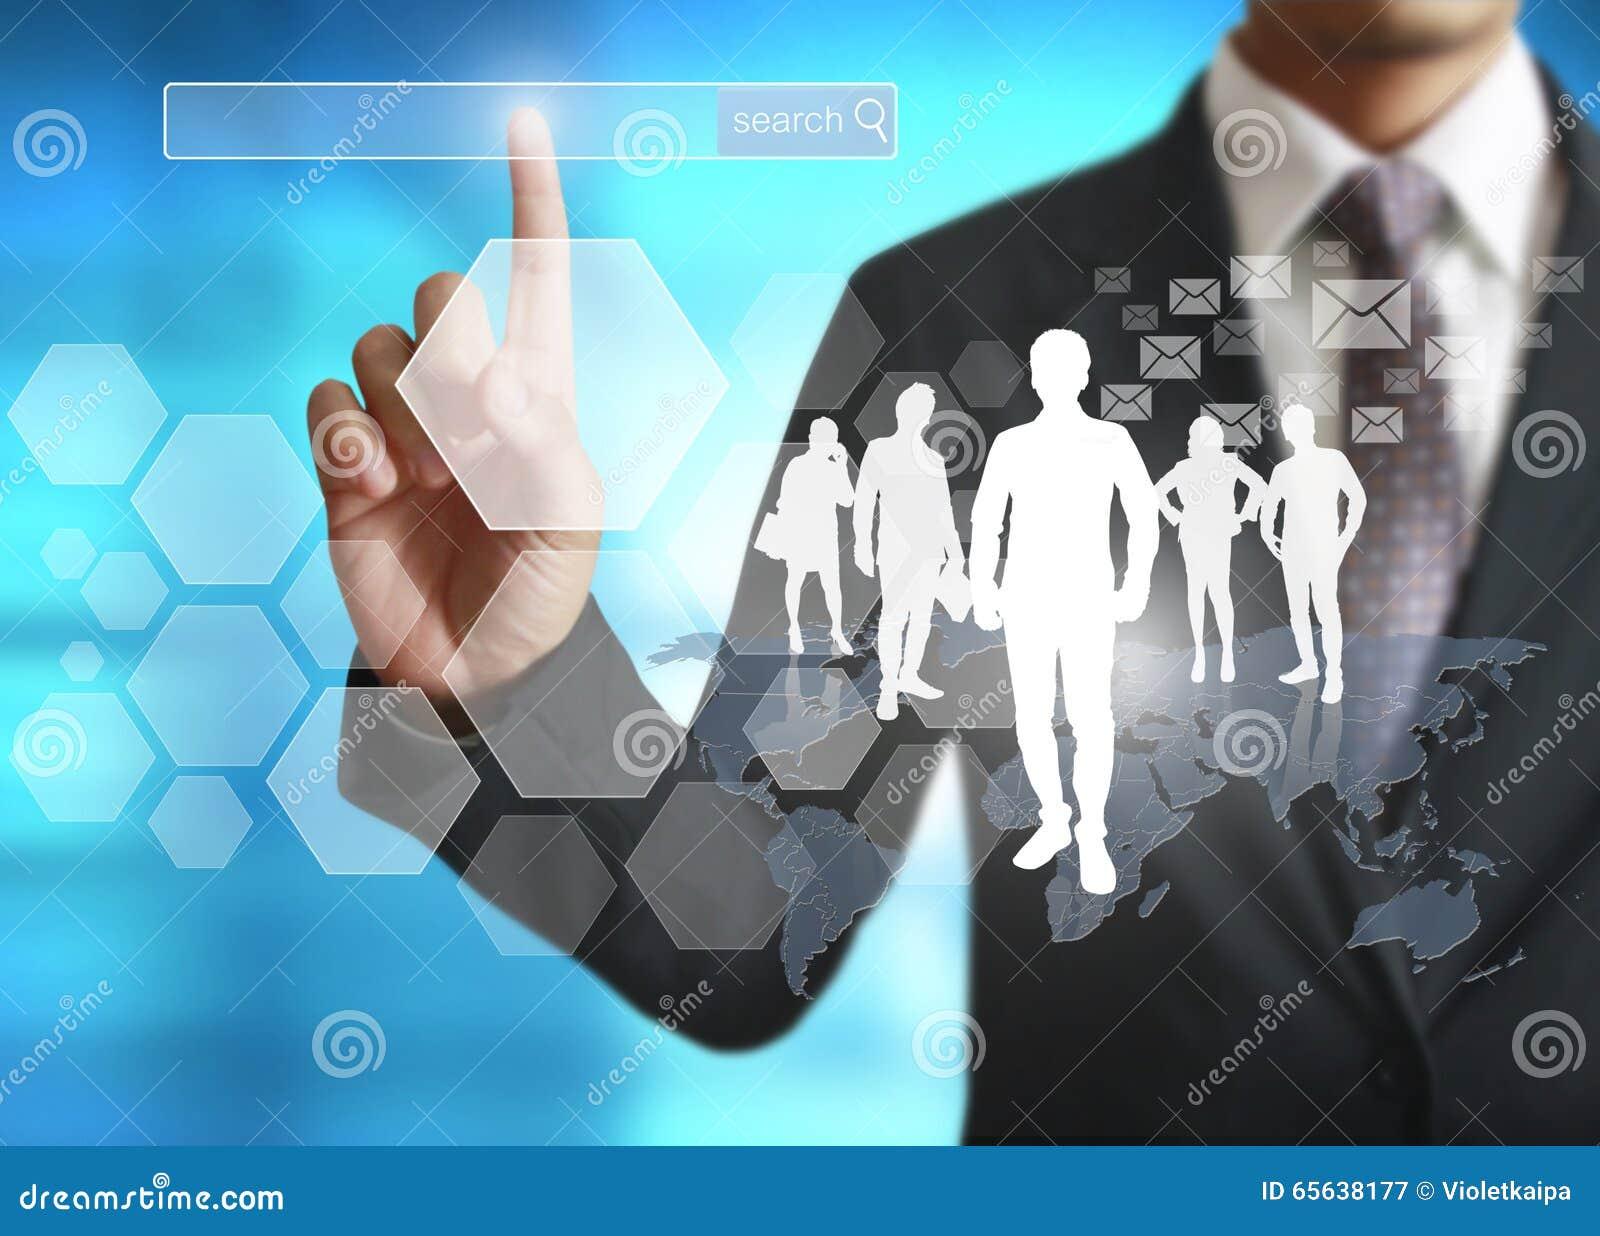 Касающий виртуальный значок социальной сети